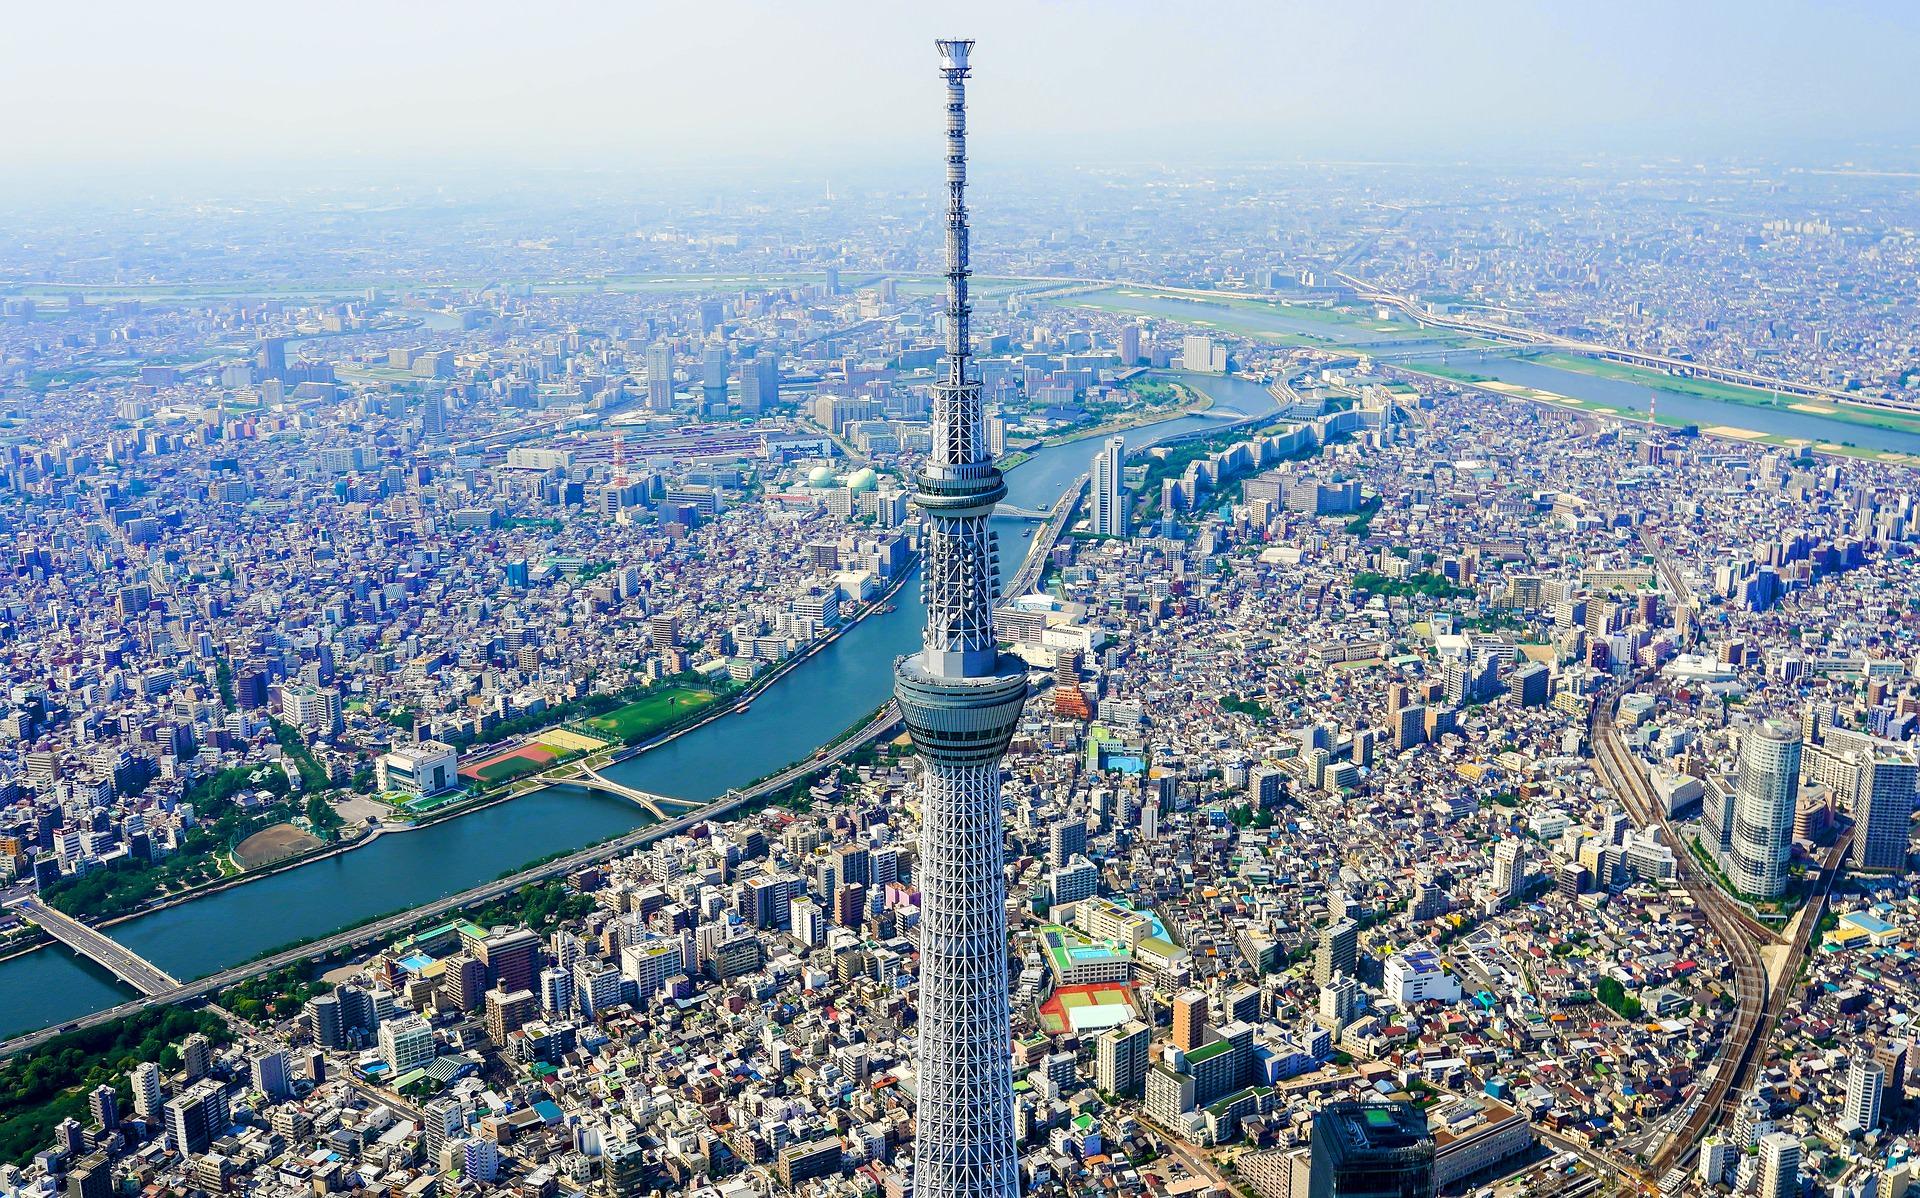 【2021年日本假期】避開日本黃金周、東京奧運,才是旅日王道! - threeonelee.com